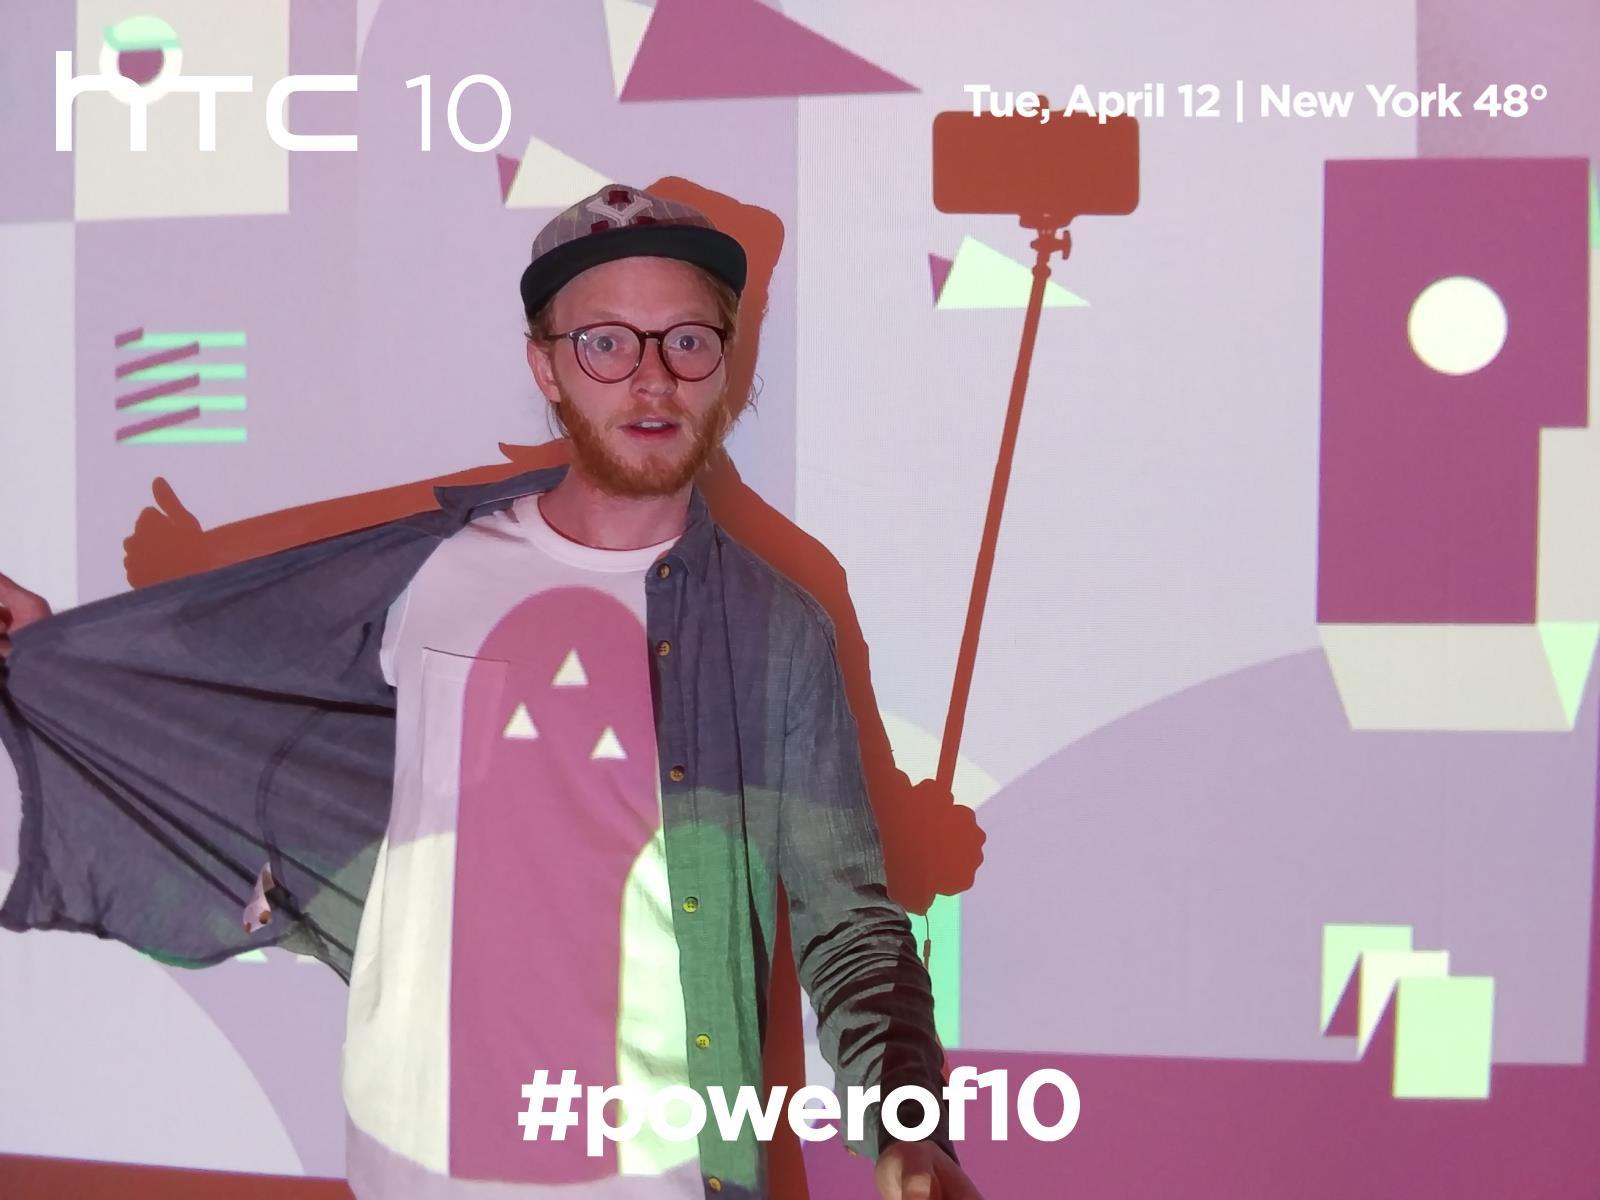 HTC-10-Selfie-con-OIS-3